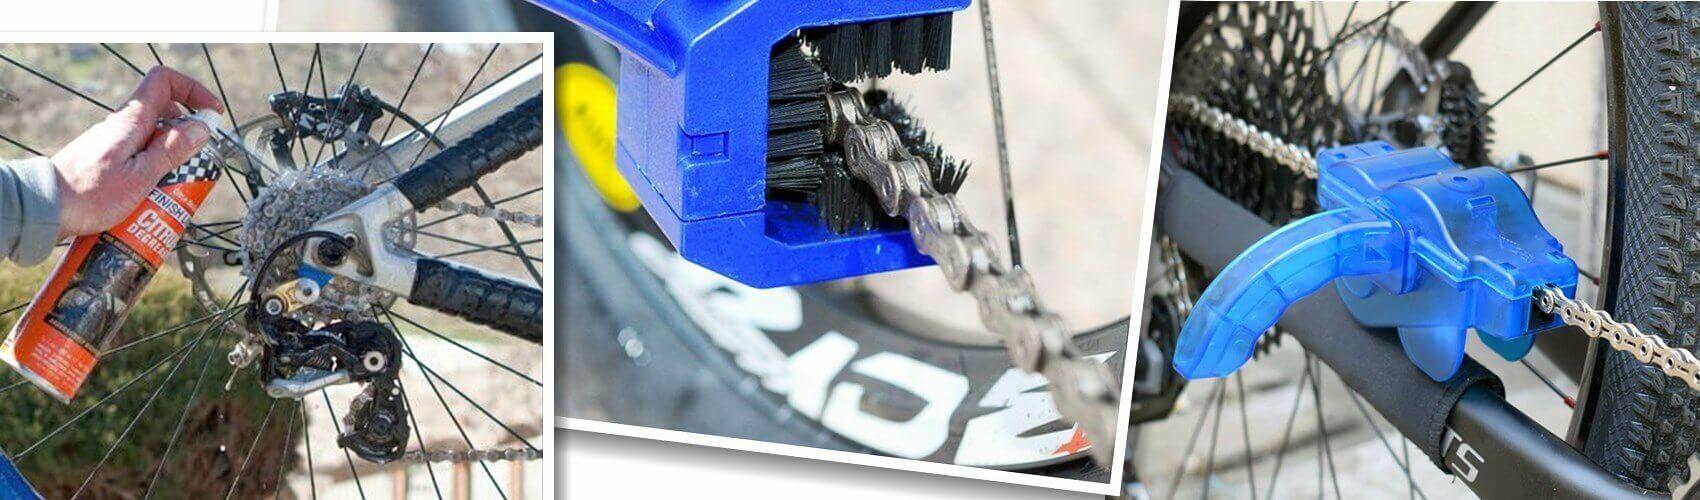 2k_12 dolog amit a kerékpárláncról tudni kell